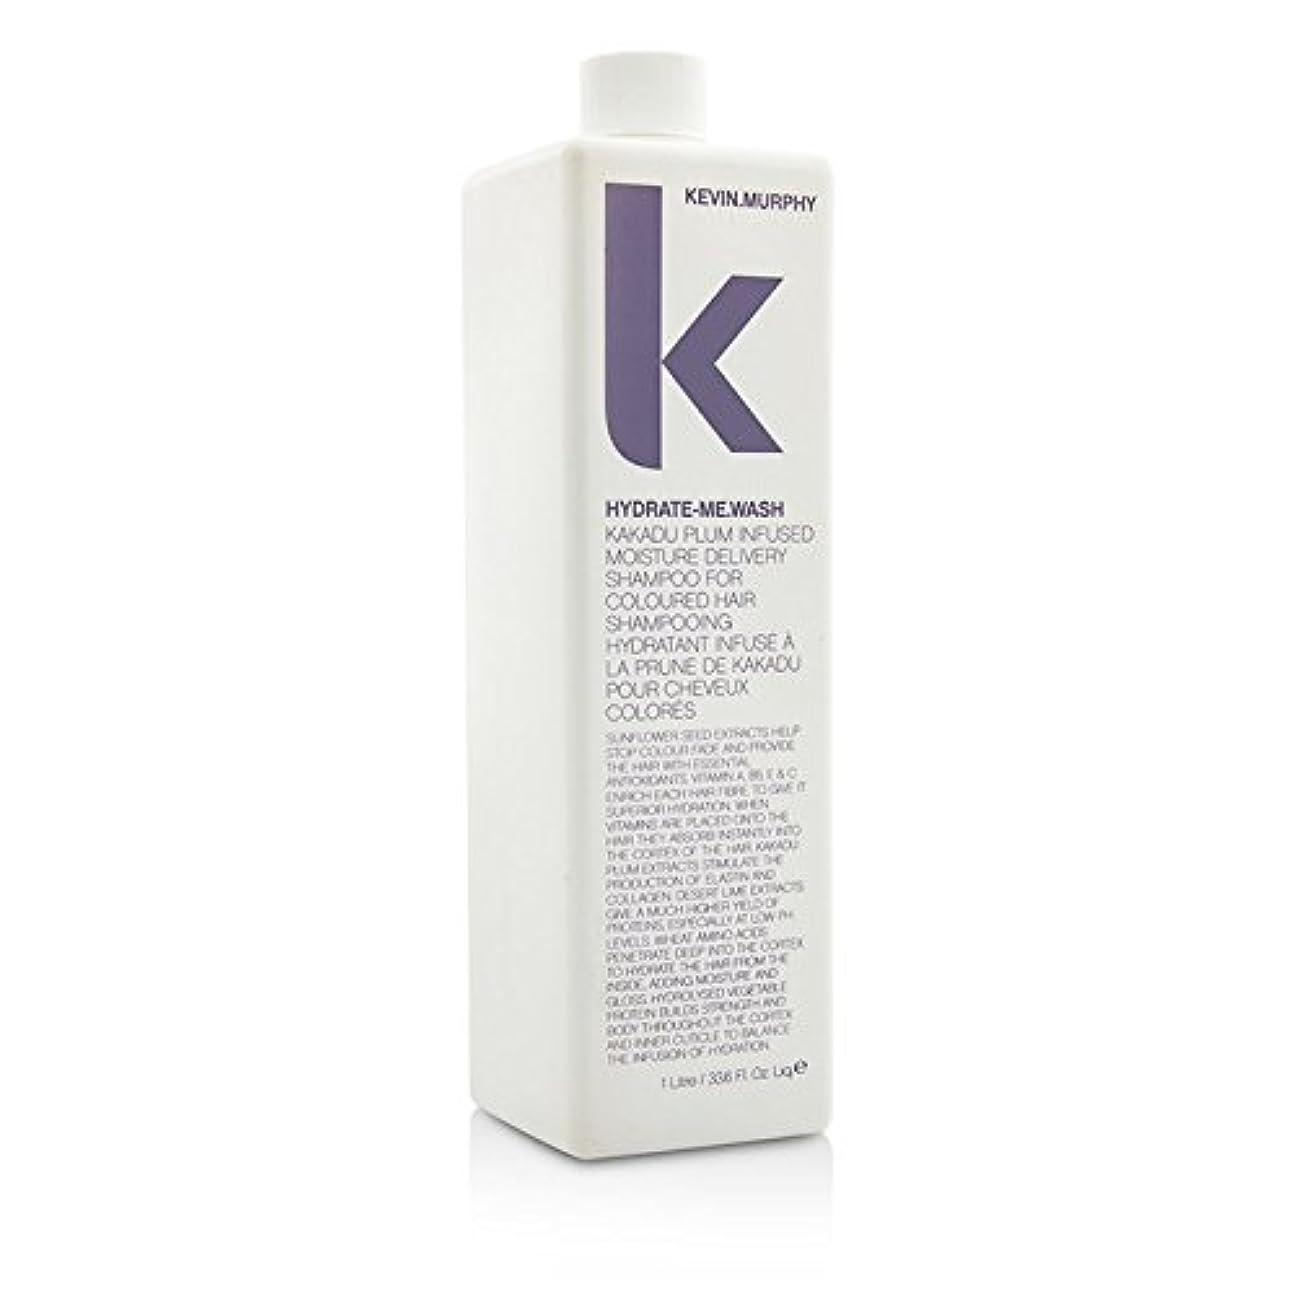 女性アラブサラボしつけケヴィン マーフィー Hydrate-Me.Wash (Kakadu Plum Infused Moisture Delivery Shampoo - For Coloured Hair) 1000ml/33.6oz並行輸入品